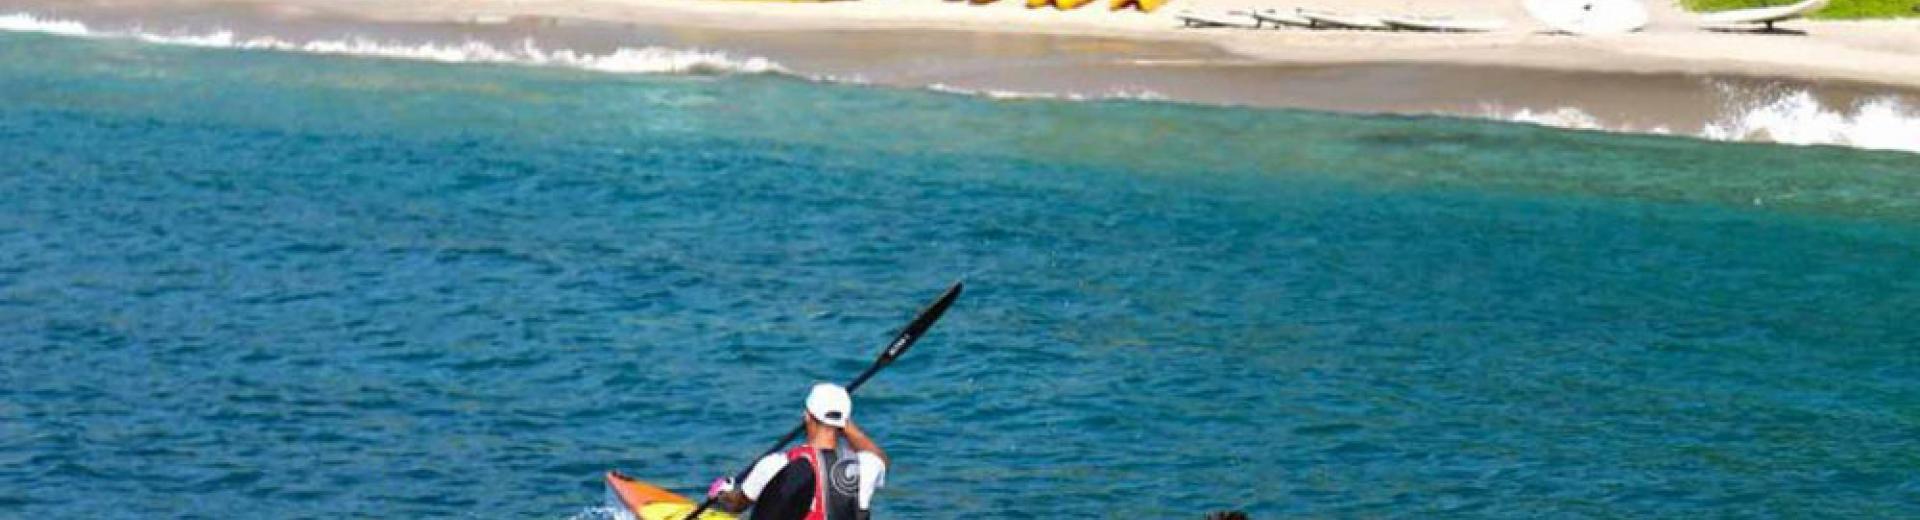 stlucia kayak